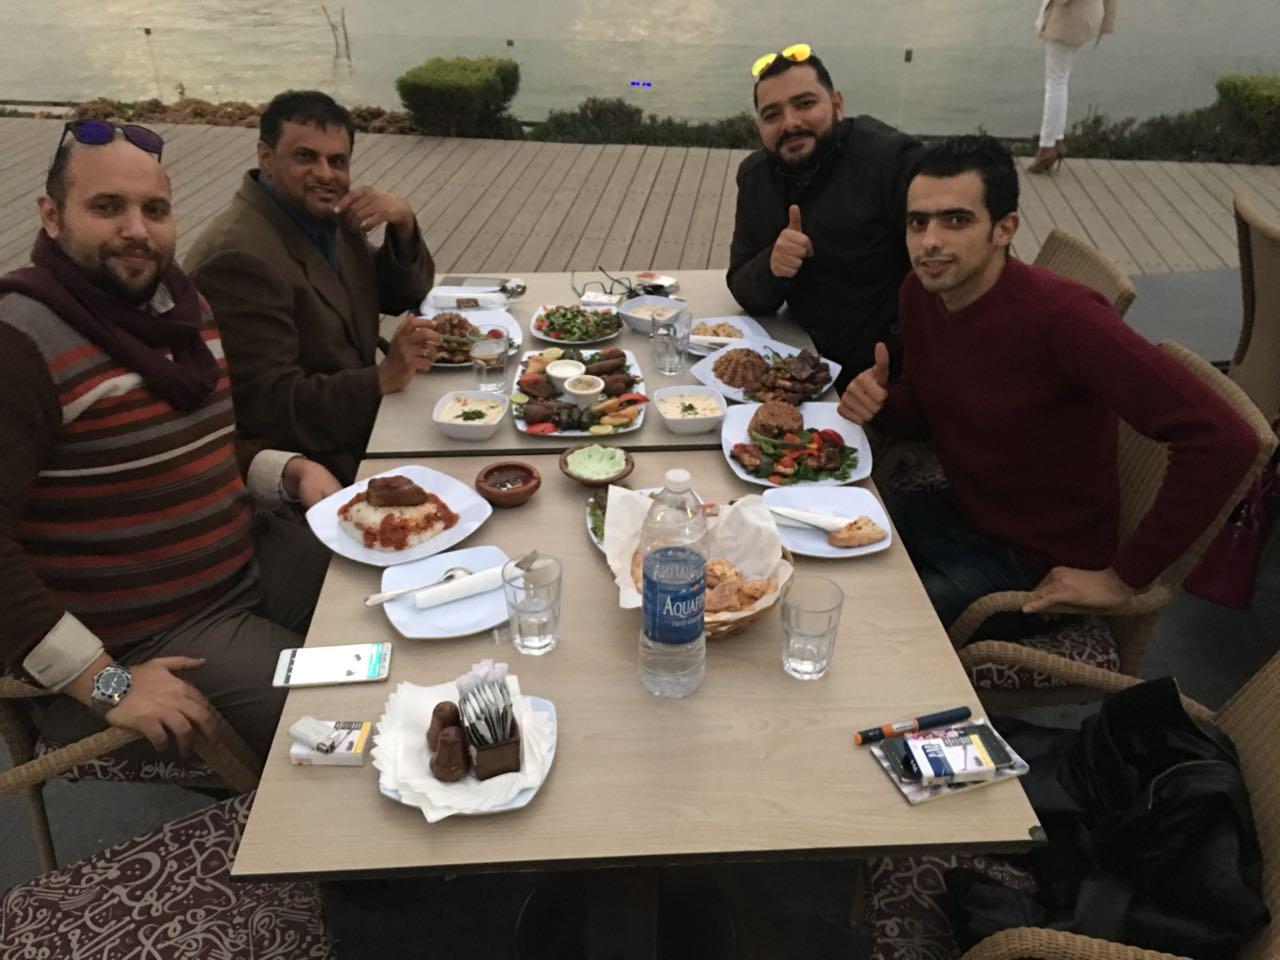 زيارة المُستشار د. عبدالله الراشدى شريك الفوركس العربى بسلطنة عُمان